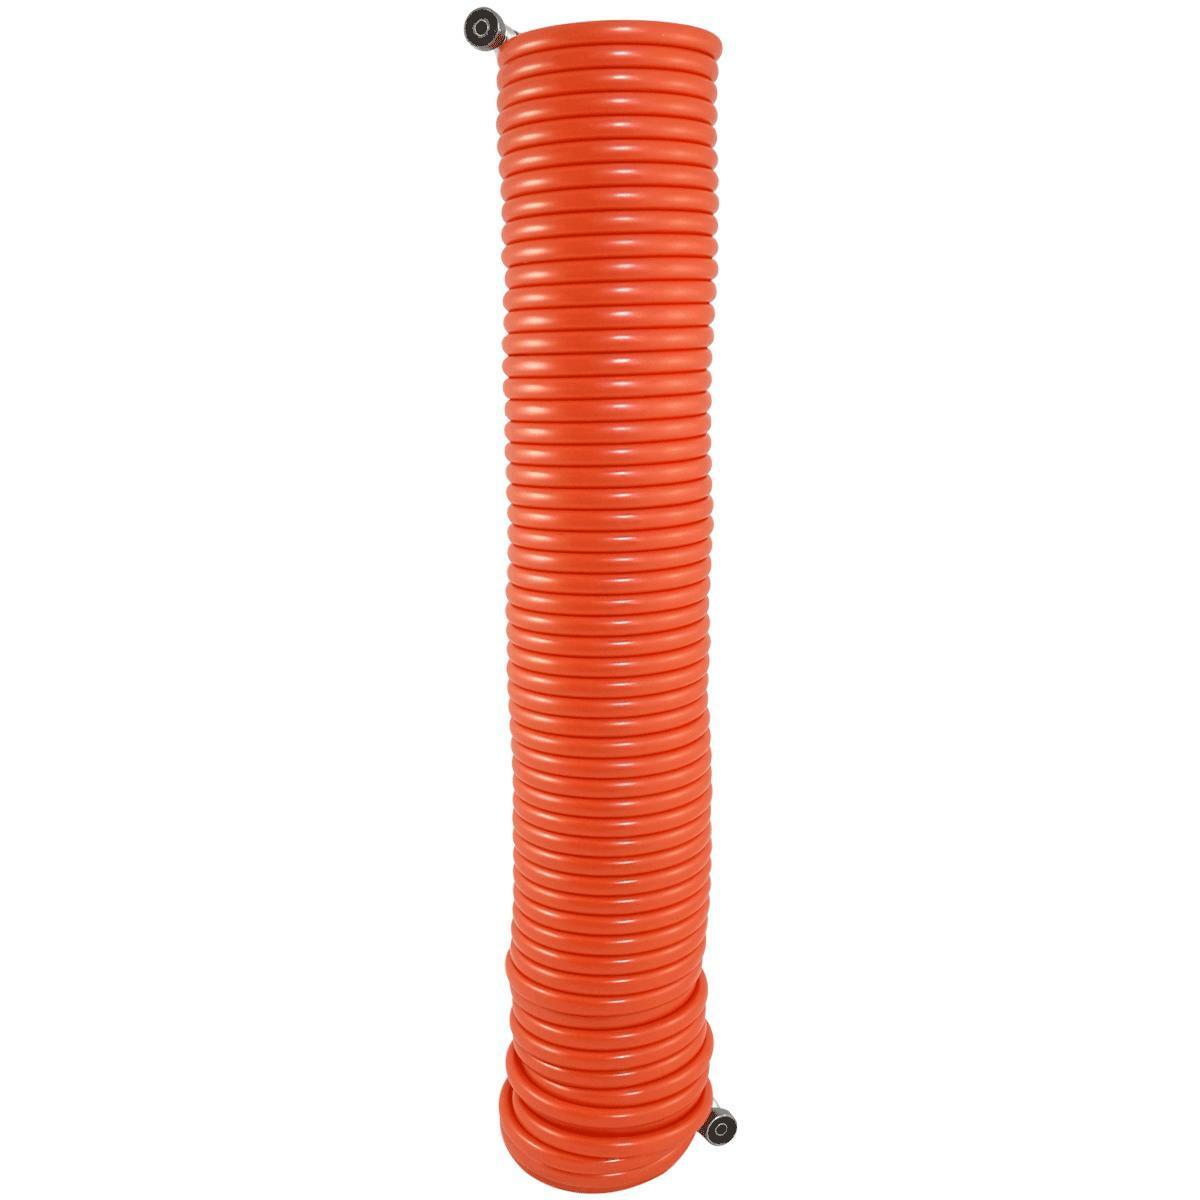 valex tubo a spirale in nylon per compressori valex